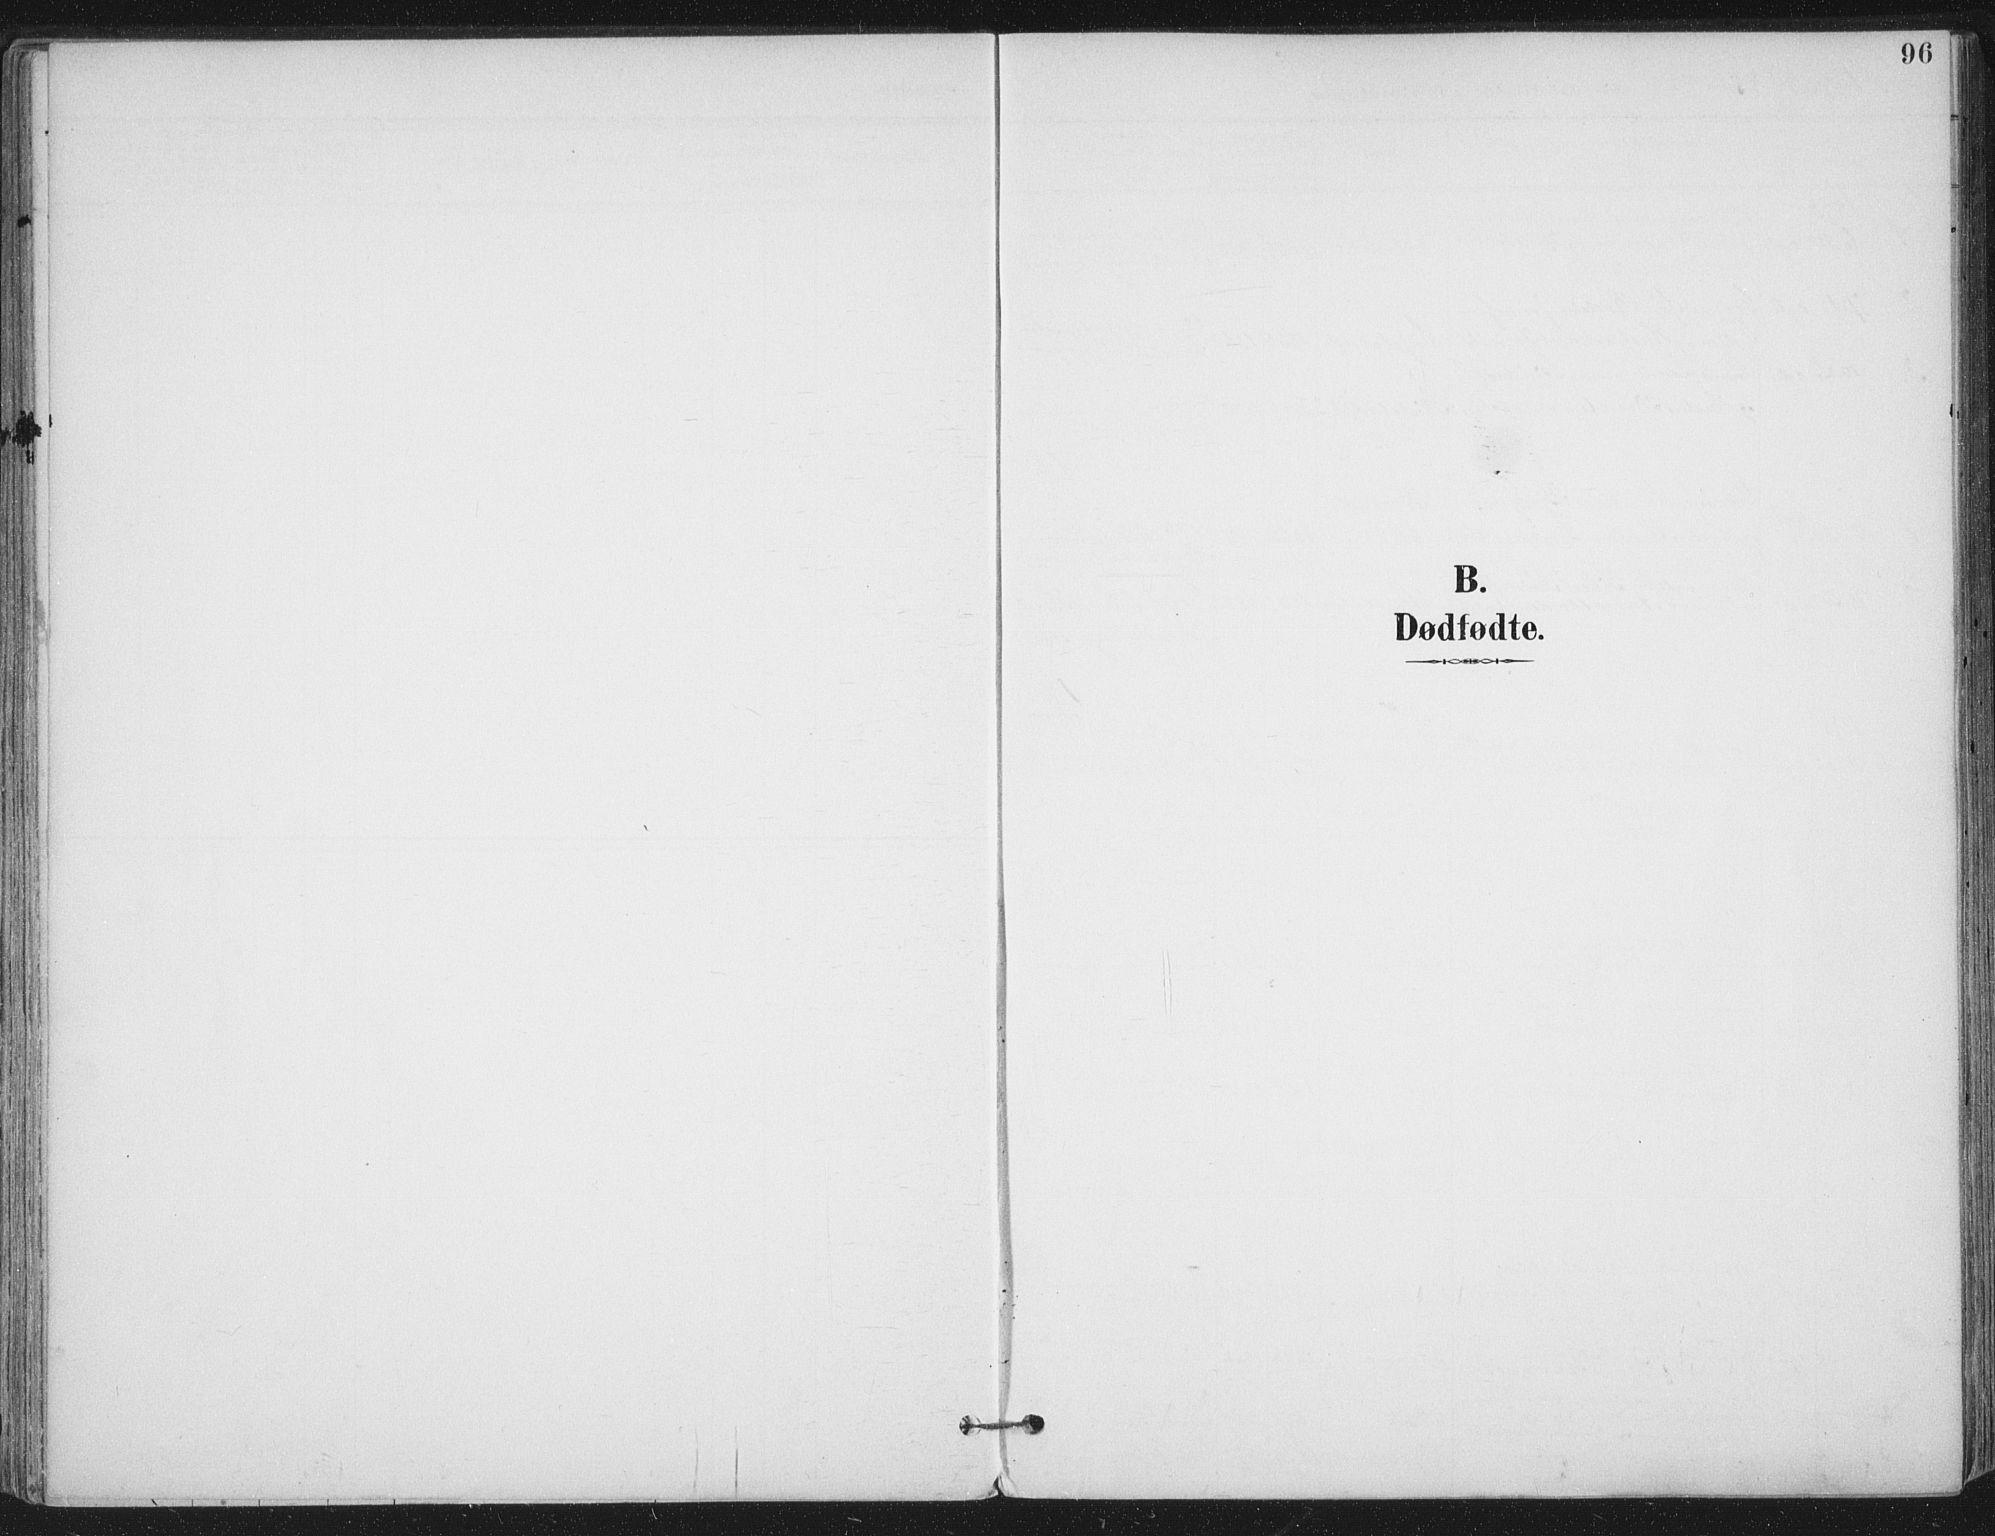 SAT, Ministerialprotokoller, klokkerbøker og fødselsregistre - Nord-Trøndelag, 703/L0031: Parish register (official) no. 703A04, 1893-1914, p. 96